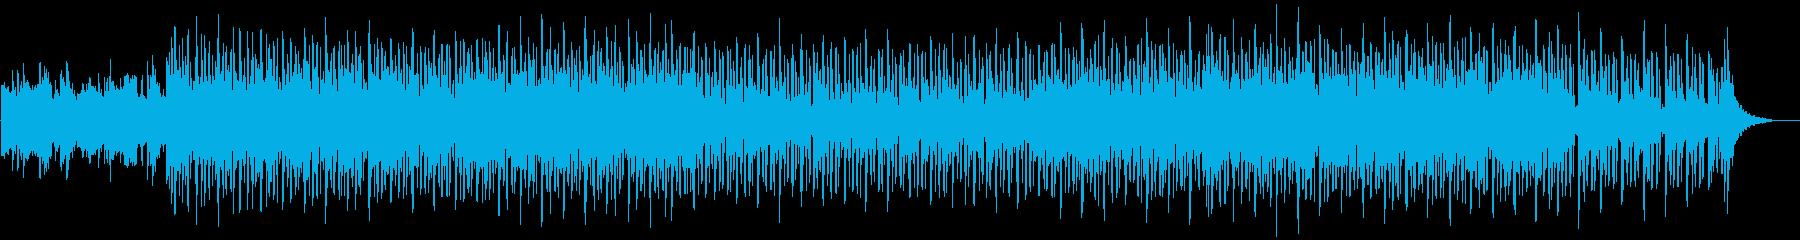 都会的で大人っぽくスタイリッシュなBGMの再生済みの波形